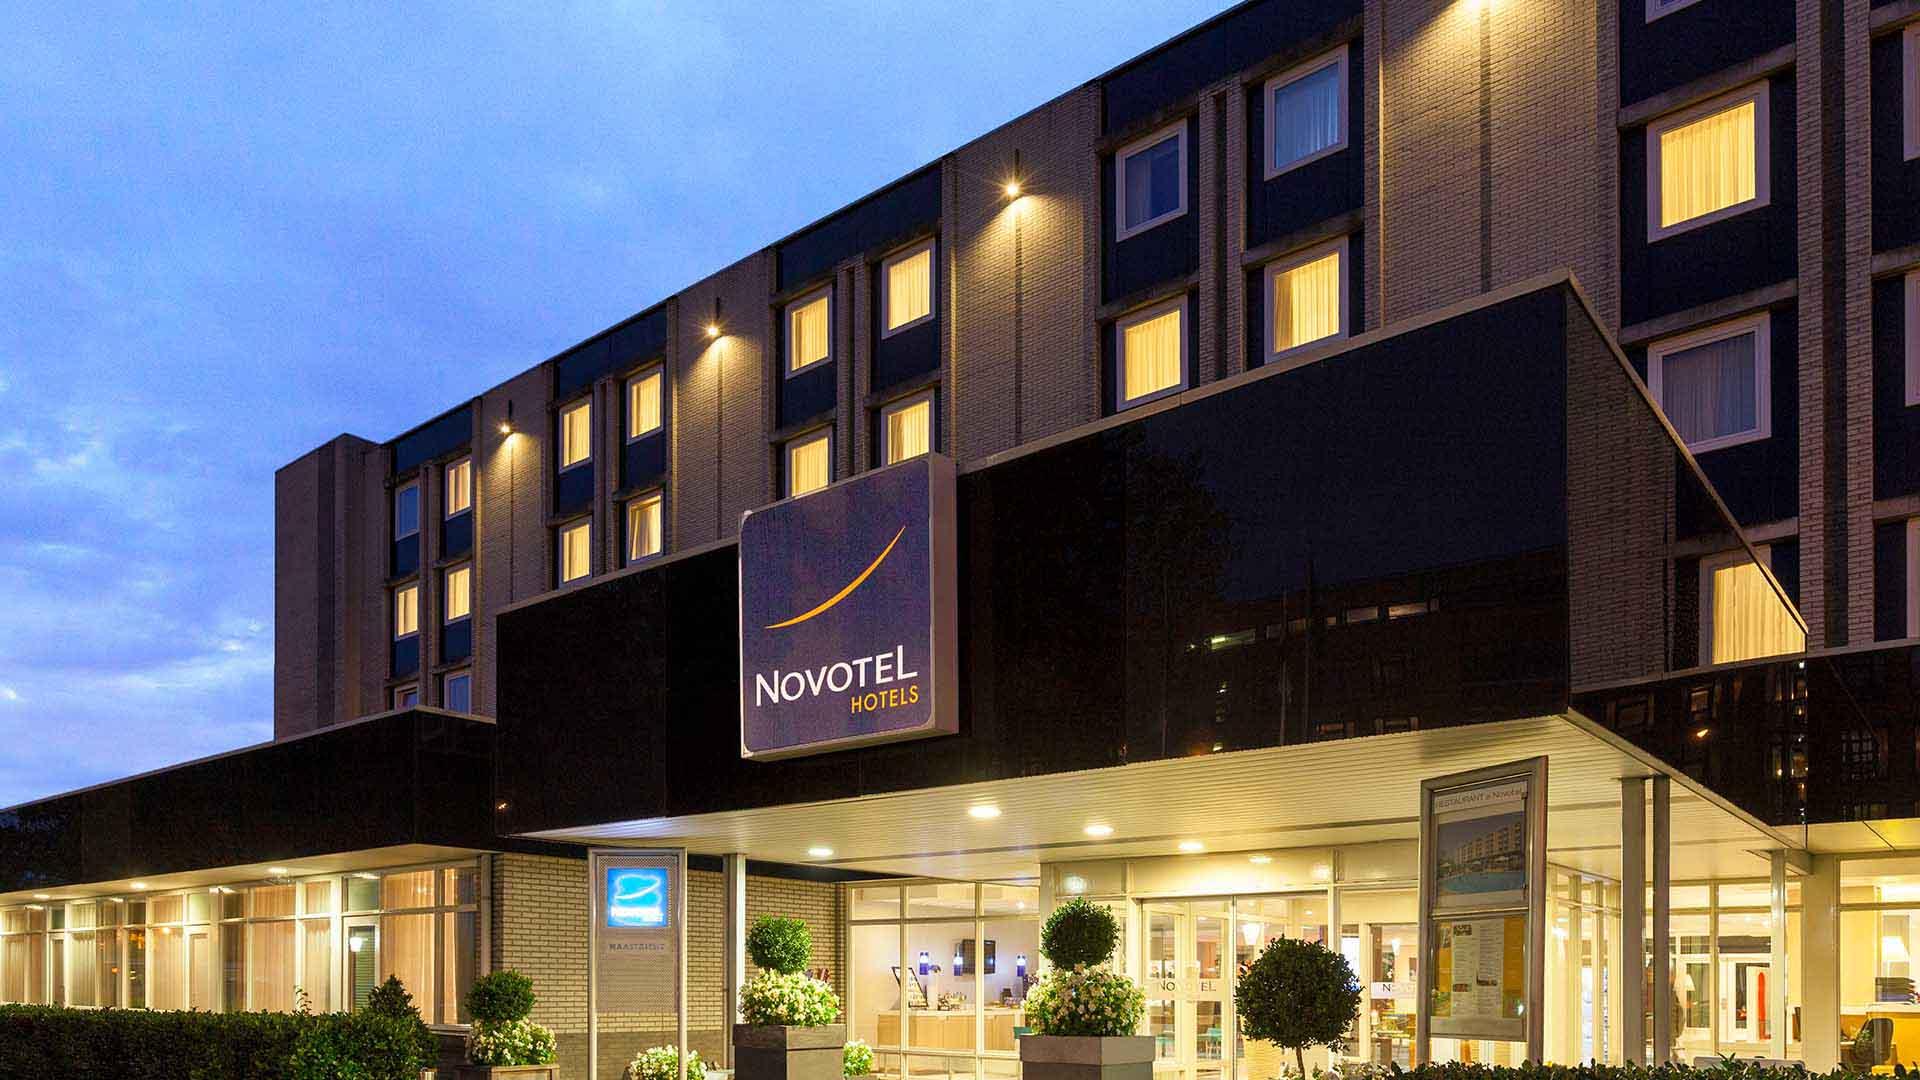 Shuttle Service Maastricht - Novotel Hotel Maastricht